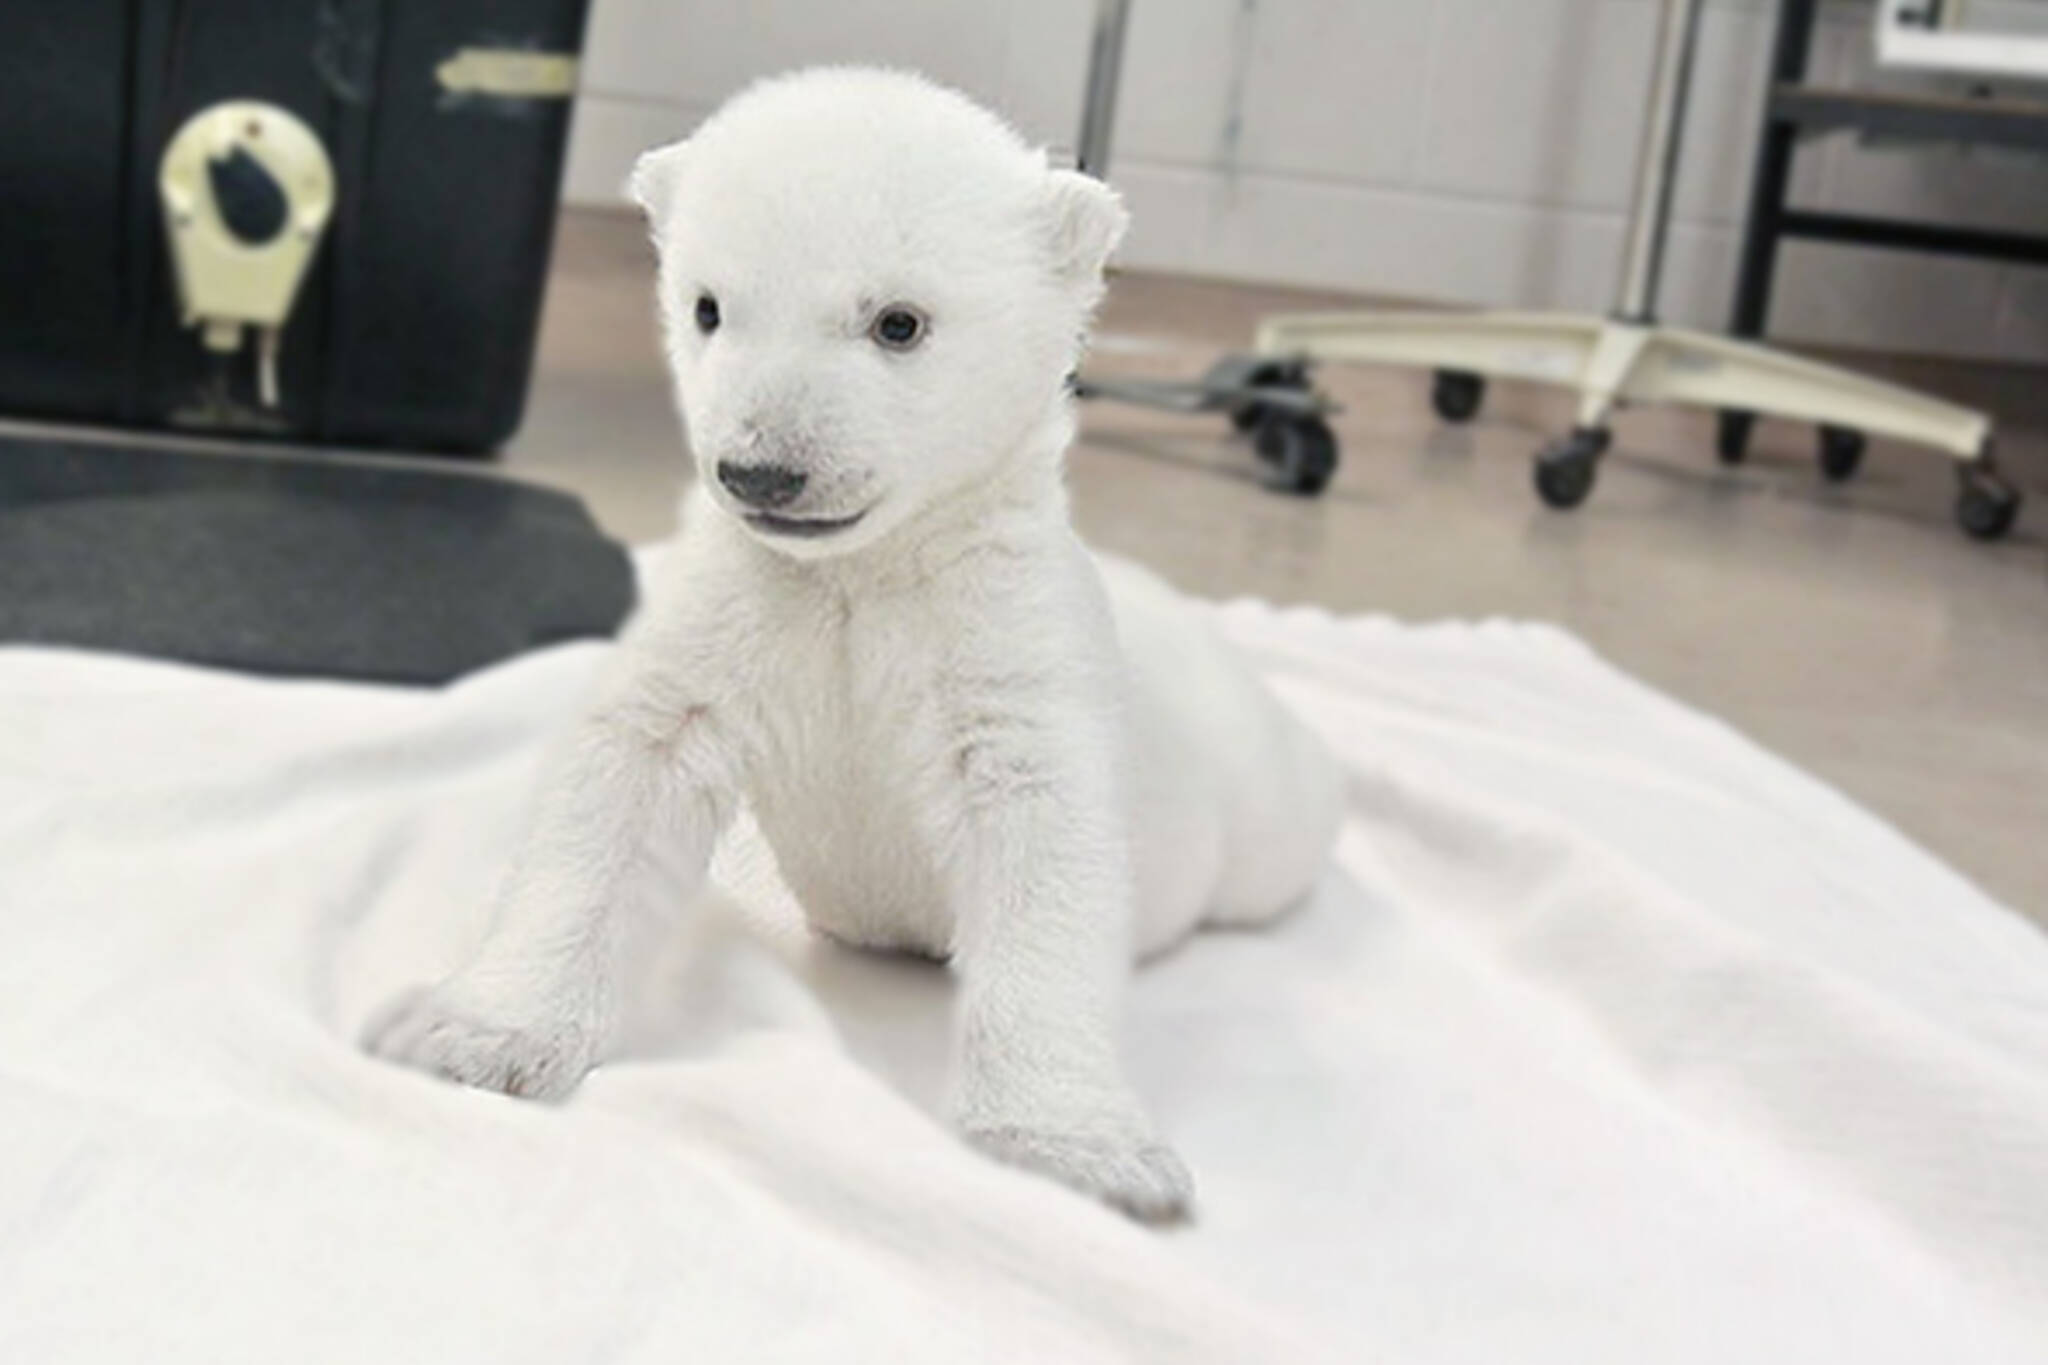 Polar bear cub at the Toronto zoo